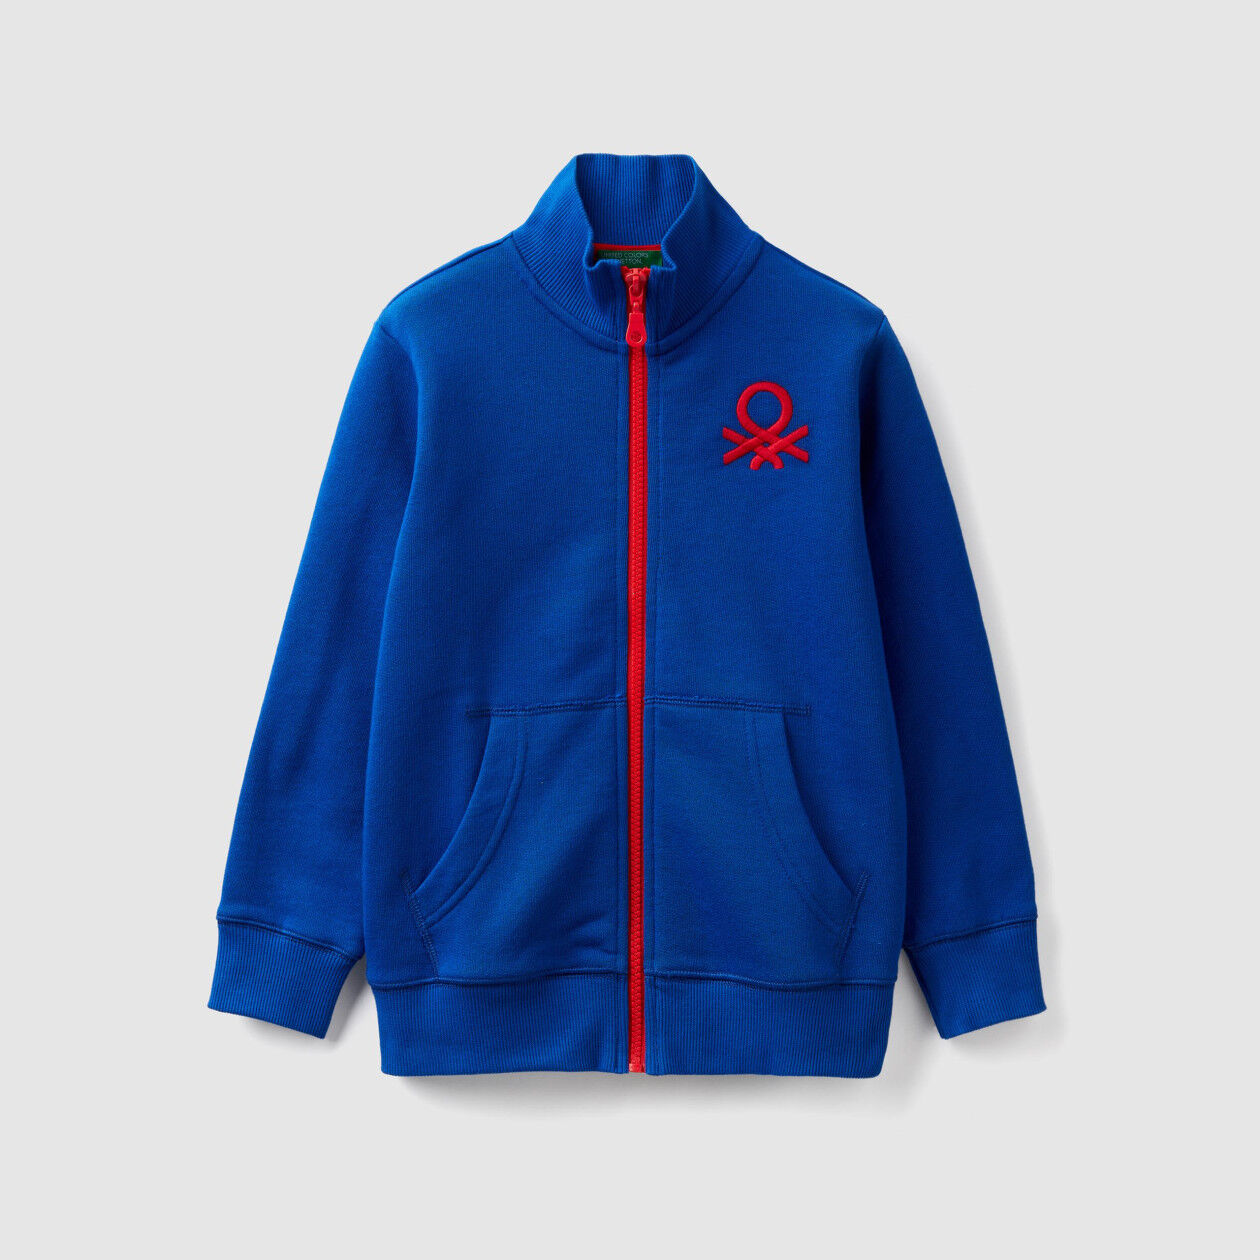 Sweatshirt with zip and logo